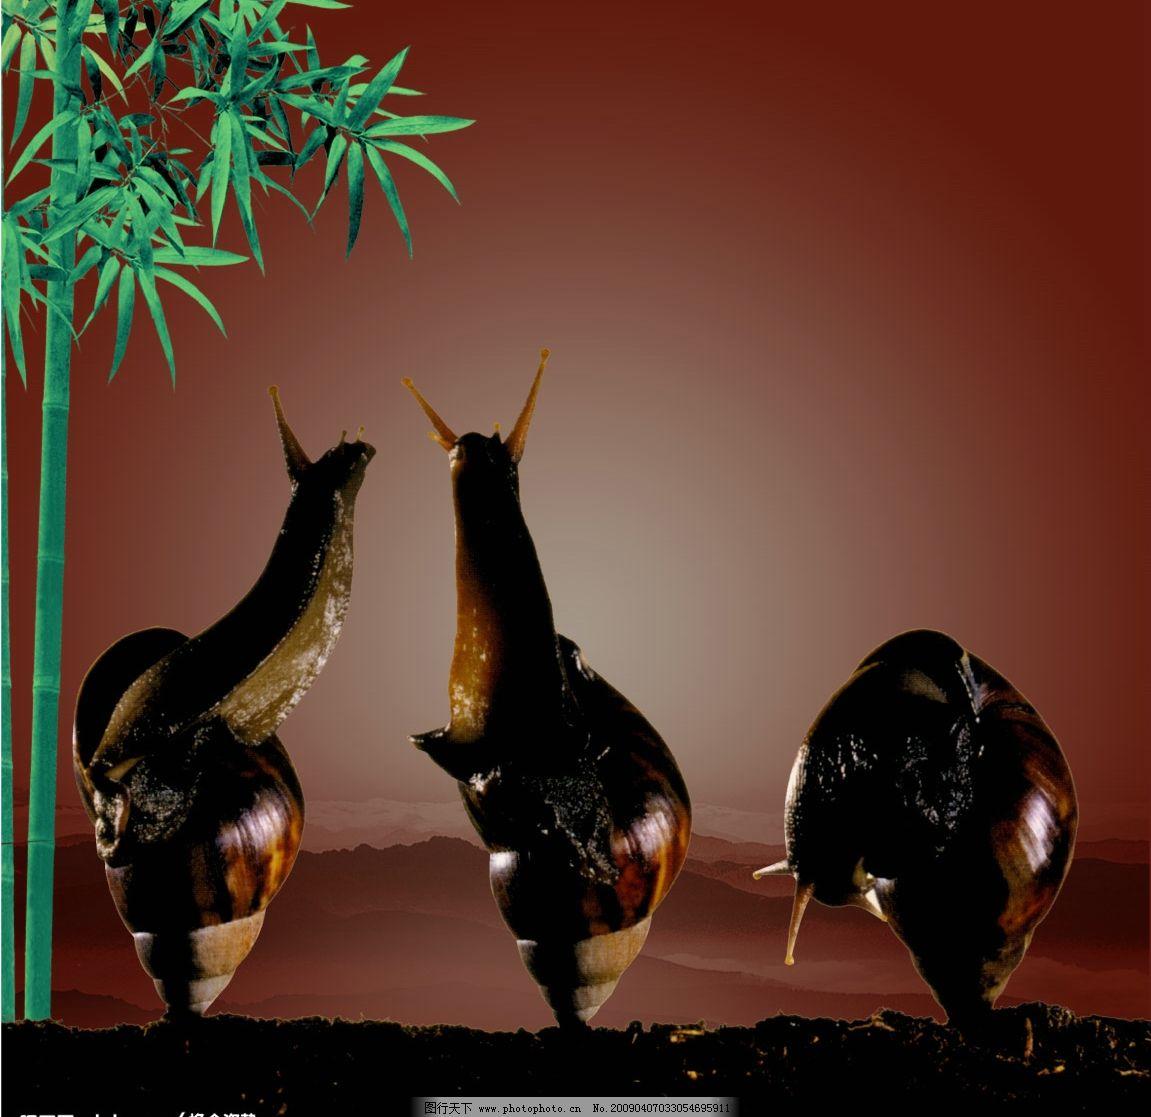 晨曲 蜗牛 竹叶 褐色 动物 山脉 psd分层素材 源文件库 300dpi psd